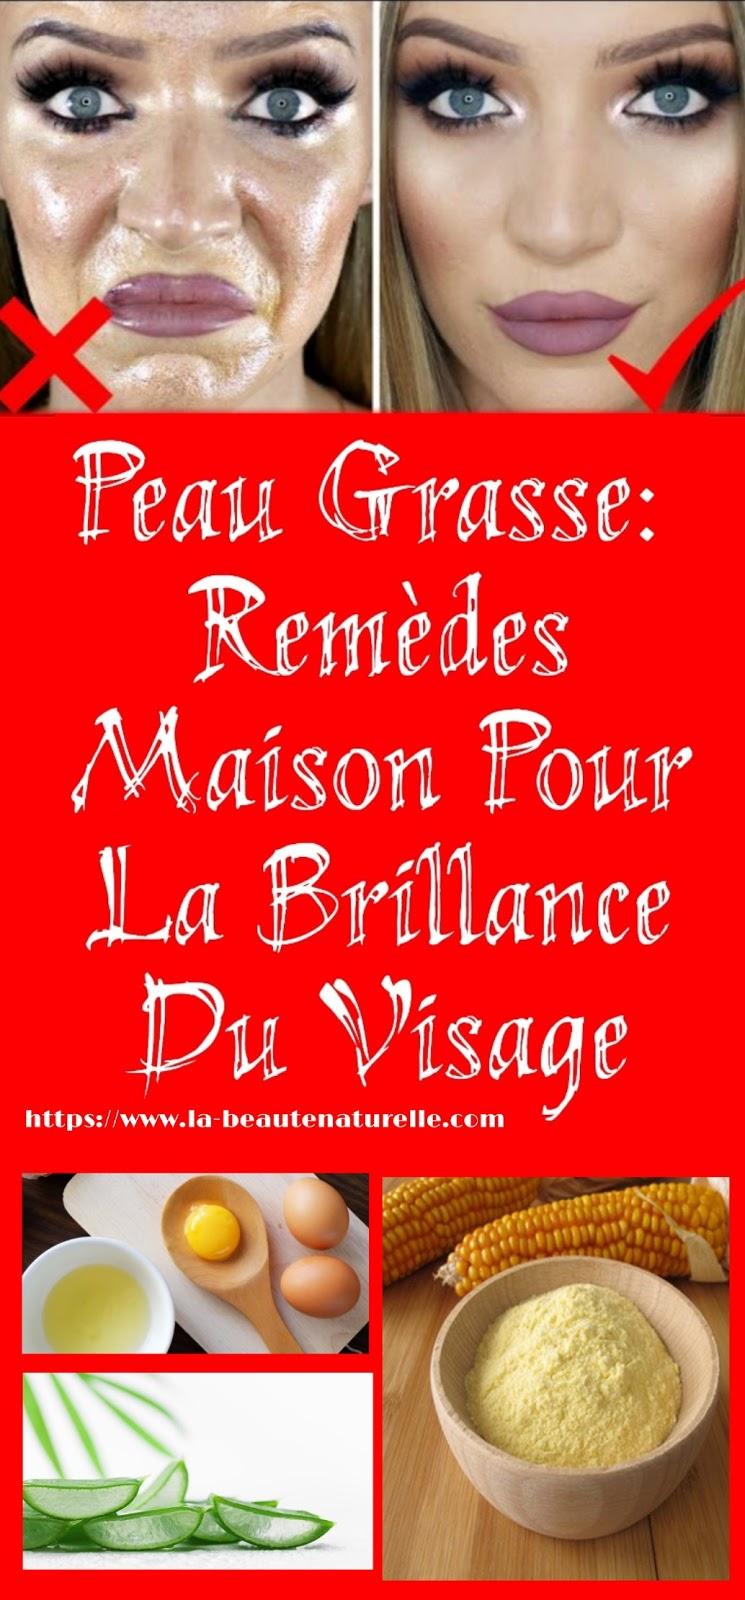 Peau Grasse: Remèdes Maison Pour La Brillance Du Visage